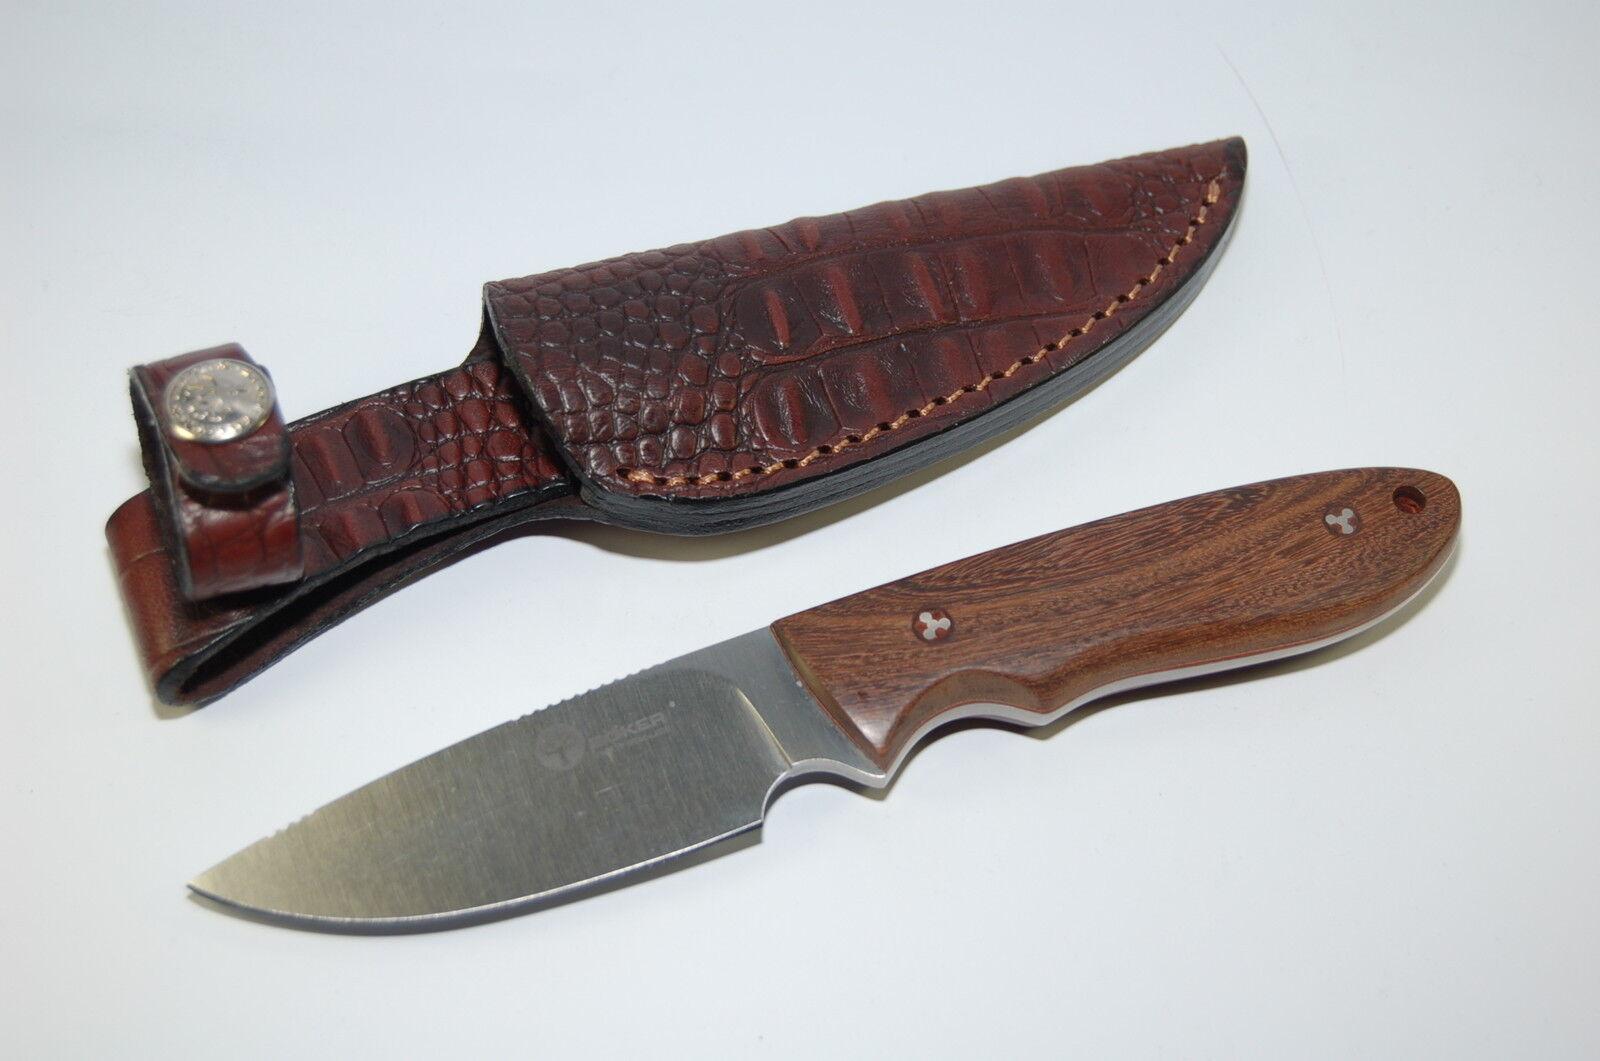 Böker Böker Böker Arbolito Pine Creek Wood EDC Messer Outdoormesser Jagdmesser 02BA701G 2b68b0